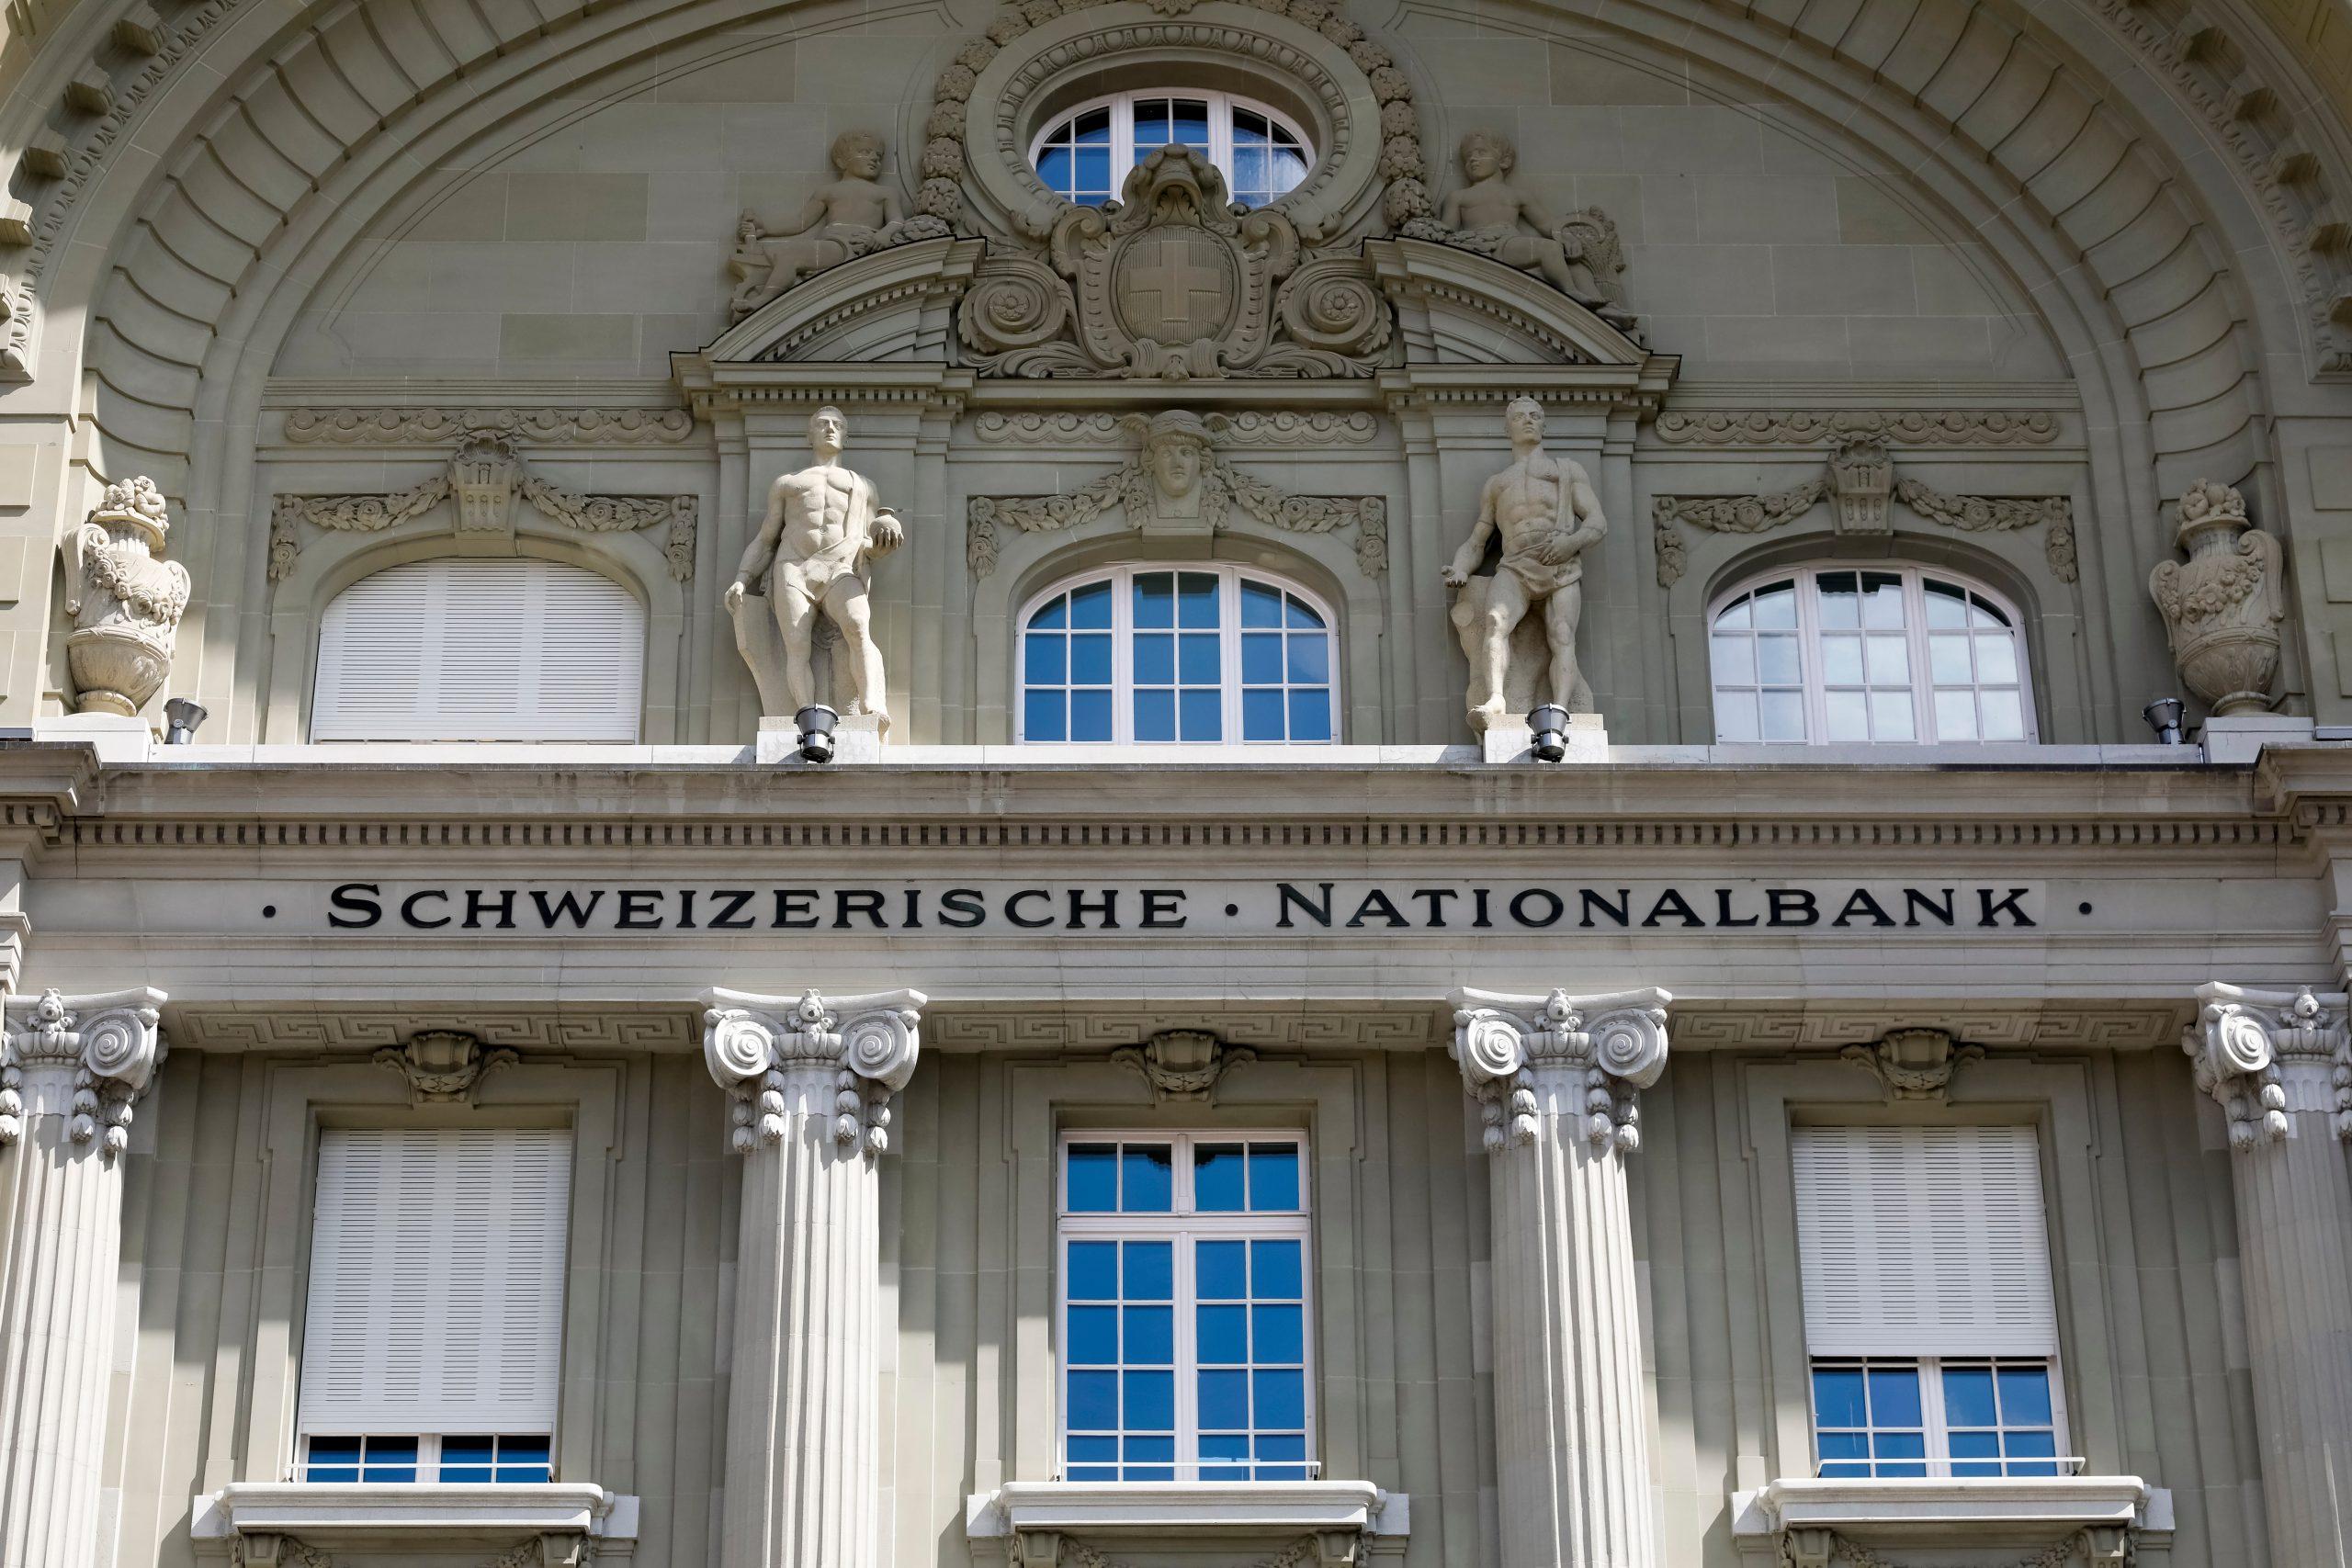 Corona-Krise: SNB stellt Banken zusätzliche Liquidität zur Verfügung